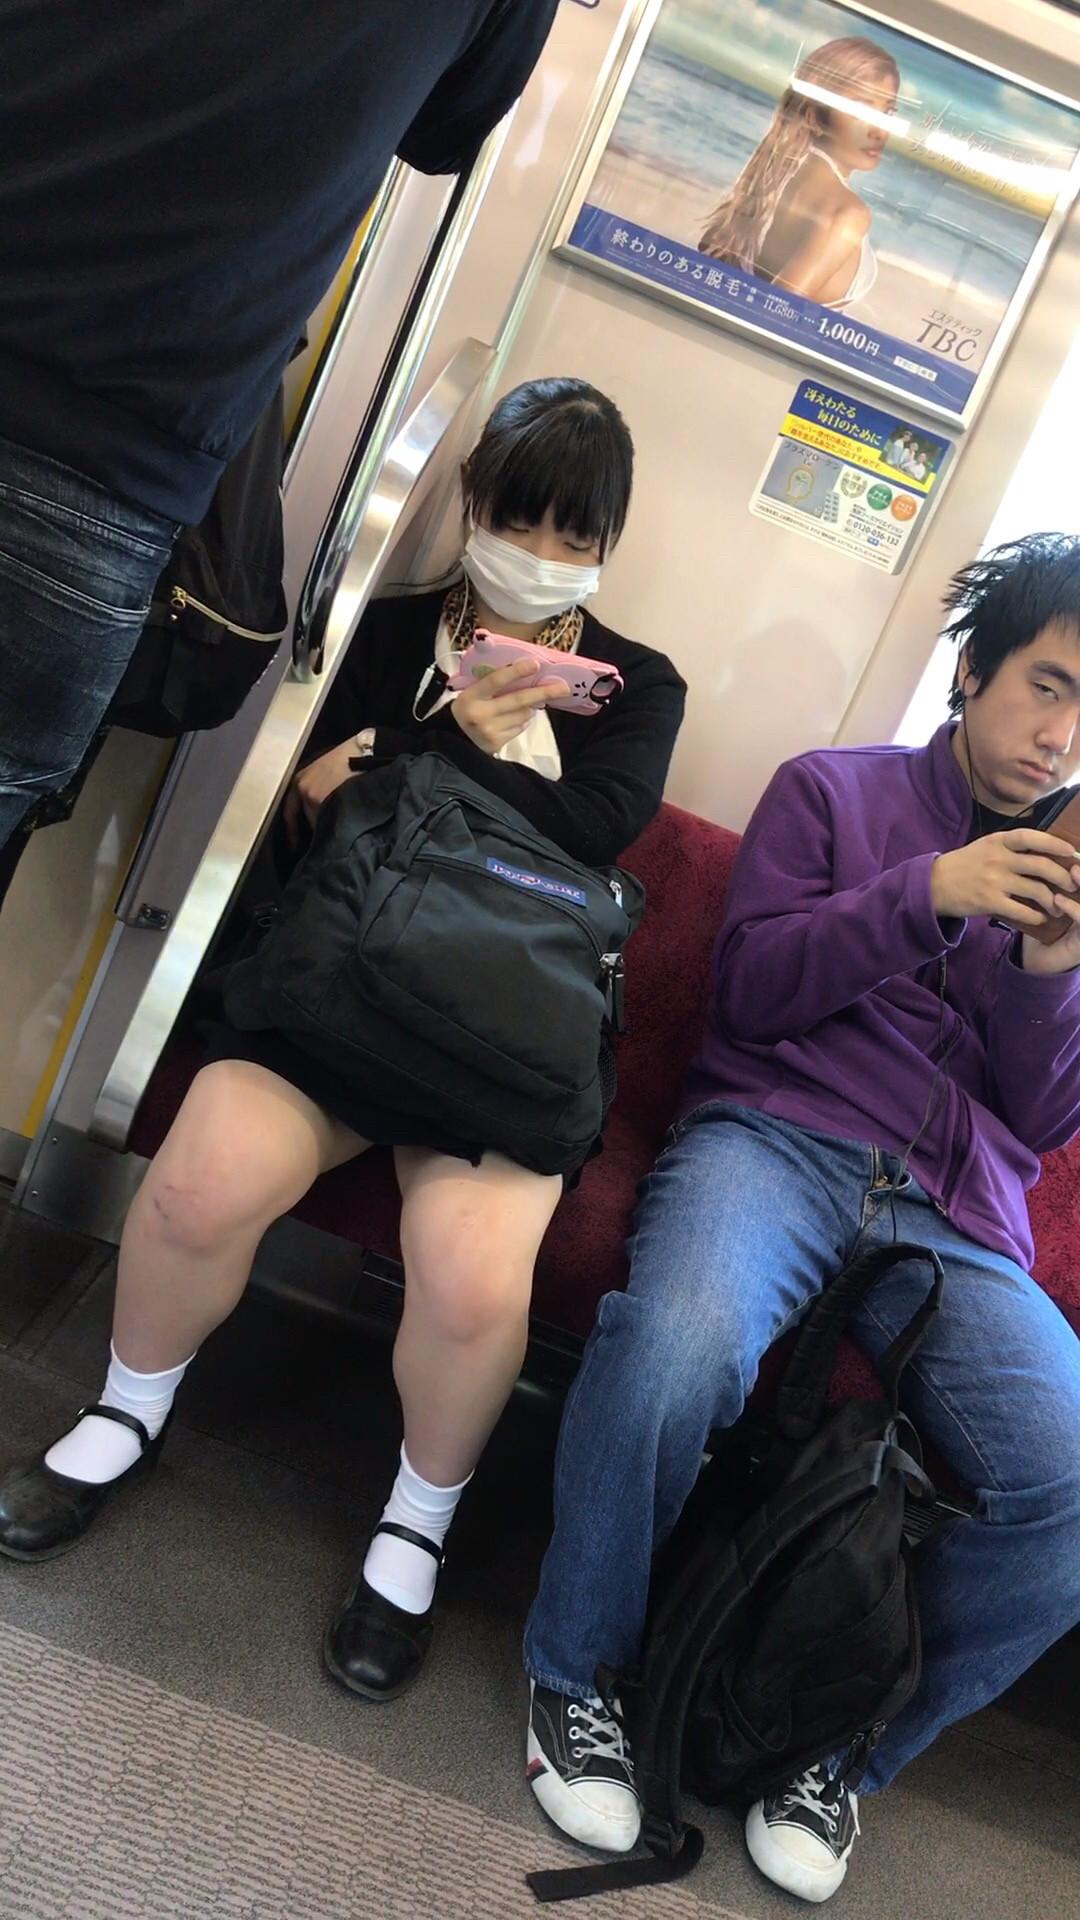 電車の座席にパンツ擦れてるJK画像wwwwwwwwwww 4jxGBpb